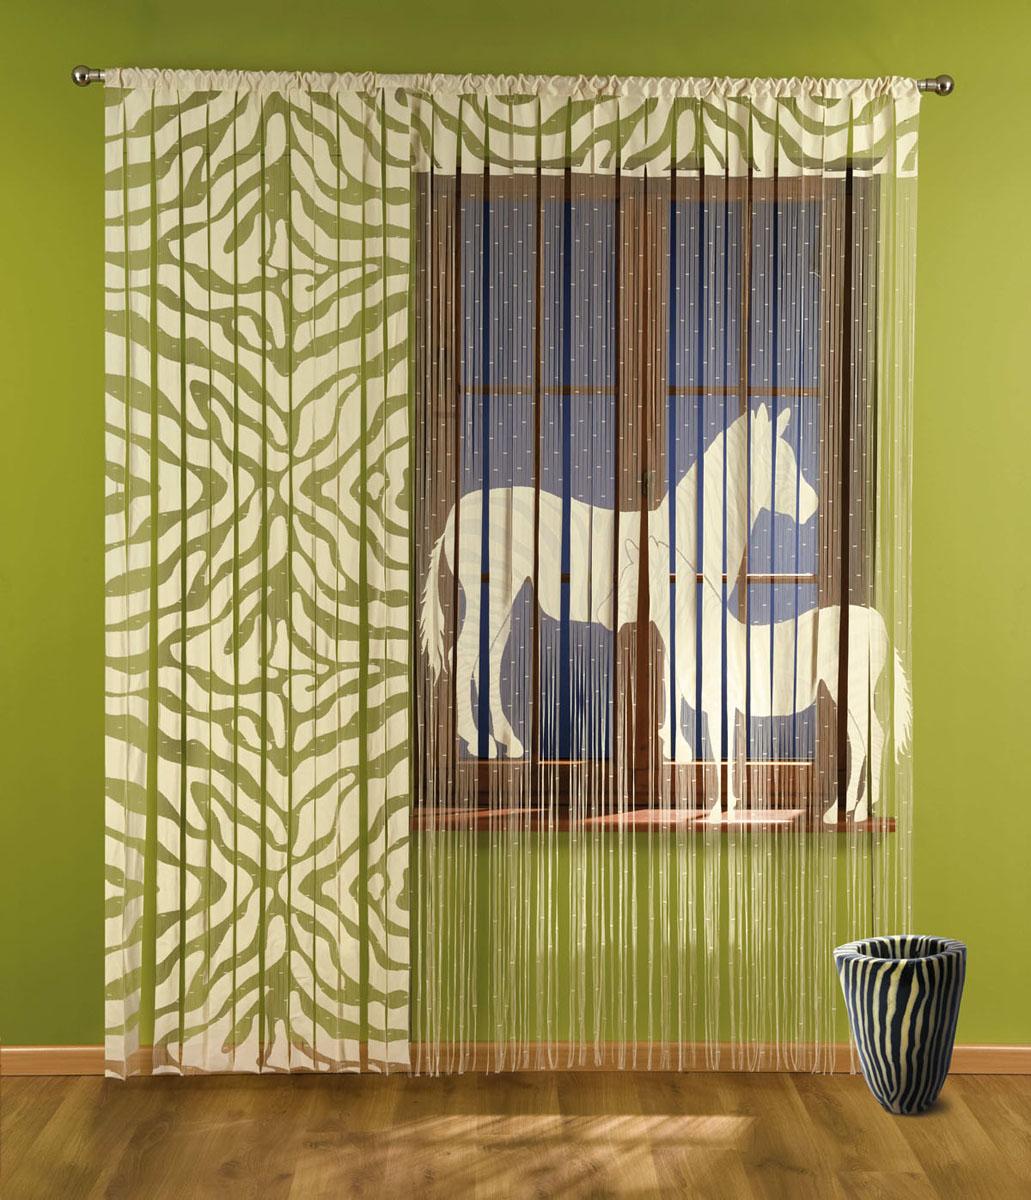 Гардина-лапша Zebra, на кулиске, цвет: бежевый, высота 240 см735709Гардина-лапша Zebra, изготовленная из полиэстера бежевого цвета, станет великолепным украшением окна, дверного проема и прекрасно послужит для разграничения пространства. Гардина имеет необычный оригинальный дизайн с принтом в виде полосок зебры, правая часть гардины оформлена мелкой бахромой. Гардина-лапша оснащена кулиской для крепления на круглый карниз. Характеристики: Материал: 100% полиэстер. Цвет: бежевый. Высота кулиски: 6,5 см. Размер упаковки: 29 см х 35 см х 4 см. Артикул: 735709. В комплект входит: Гардина-лапша - 1 шт. Размер (ШхВ): 150 см х 240 см. Гардина-лапша - 1 шт. Размер (ШхВ): 90 см х 240 см. Фирма Wisan на польском рынке существует уже более пятидесяти лет и является одной из лучших польских фабрик по производству штор и тканей. Ассортимент фирмы представлен готовыми комплектами штор для гостиной, детской, кухни, а также текстилем для кухни (скатерти, салфетки, дорожки, кухонные занавески)....